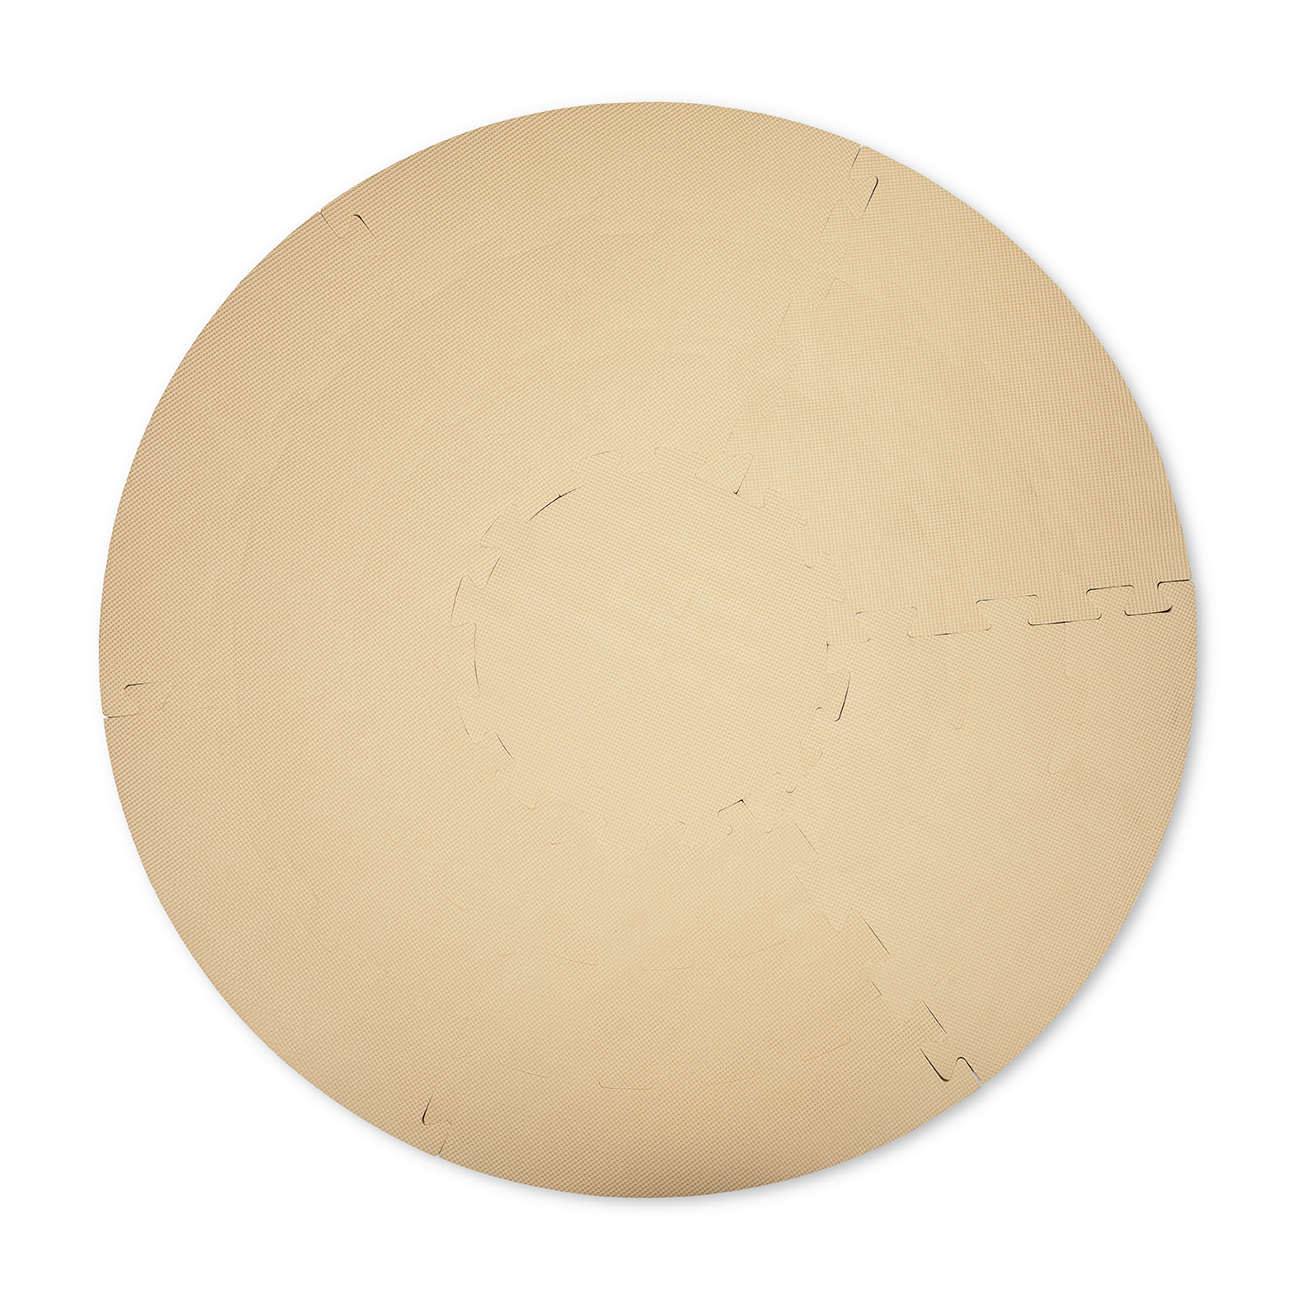 That's Mine - Foam Play Mat Cirkel - Warm Sand (PM2114)